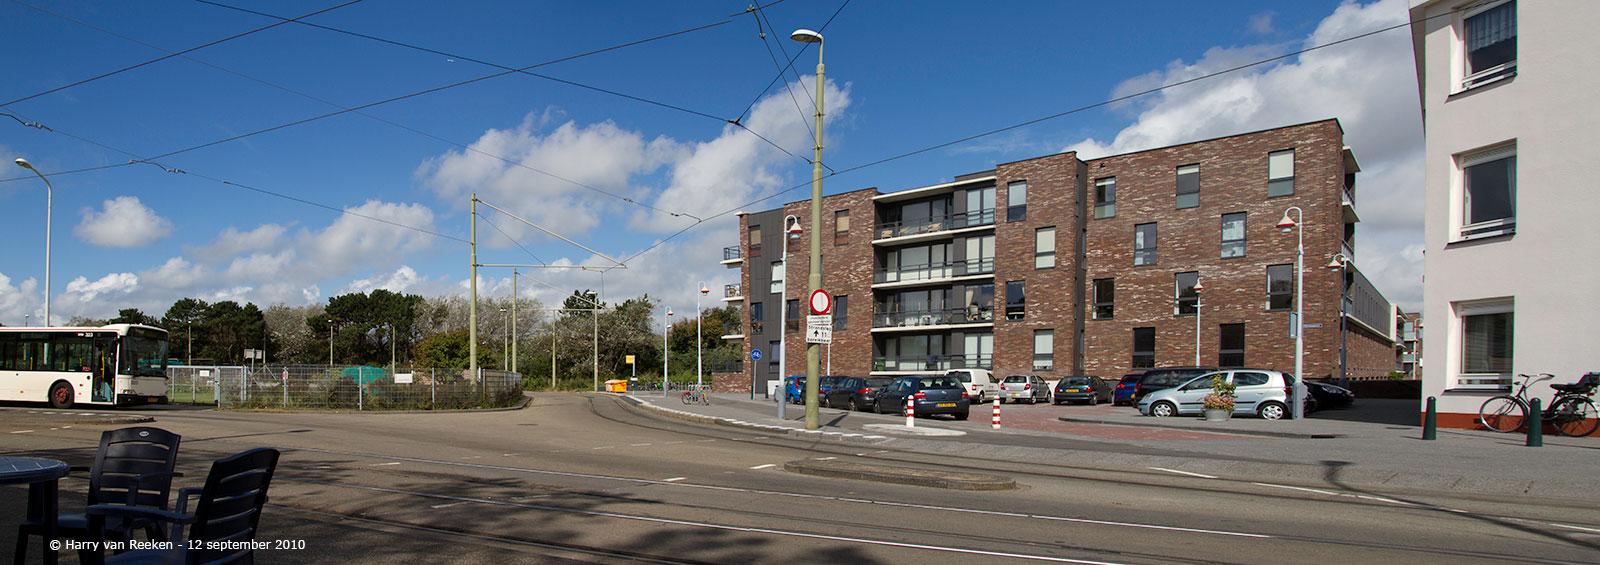 Markenseplein-panorama